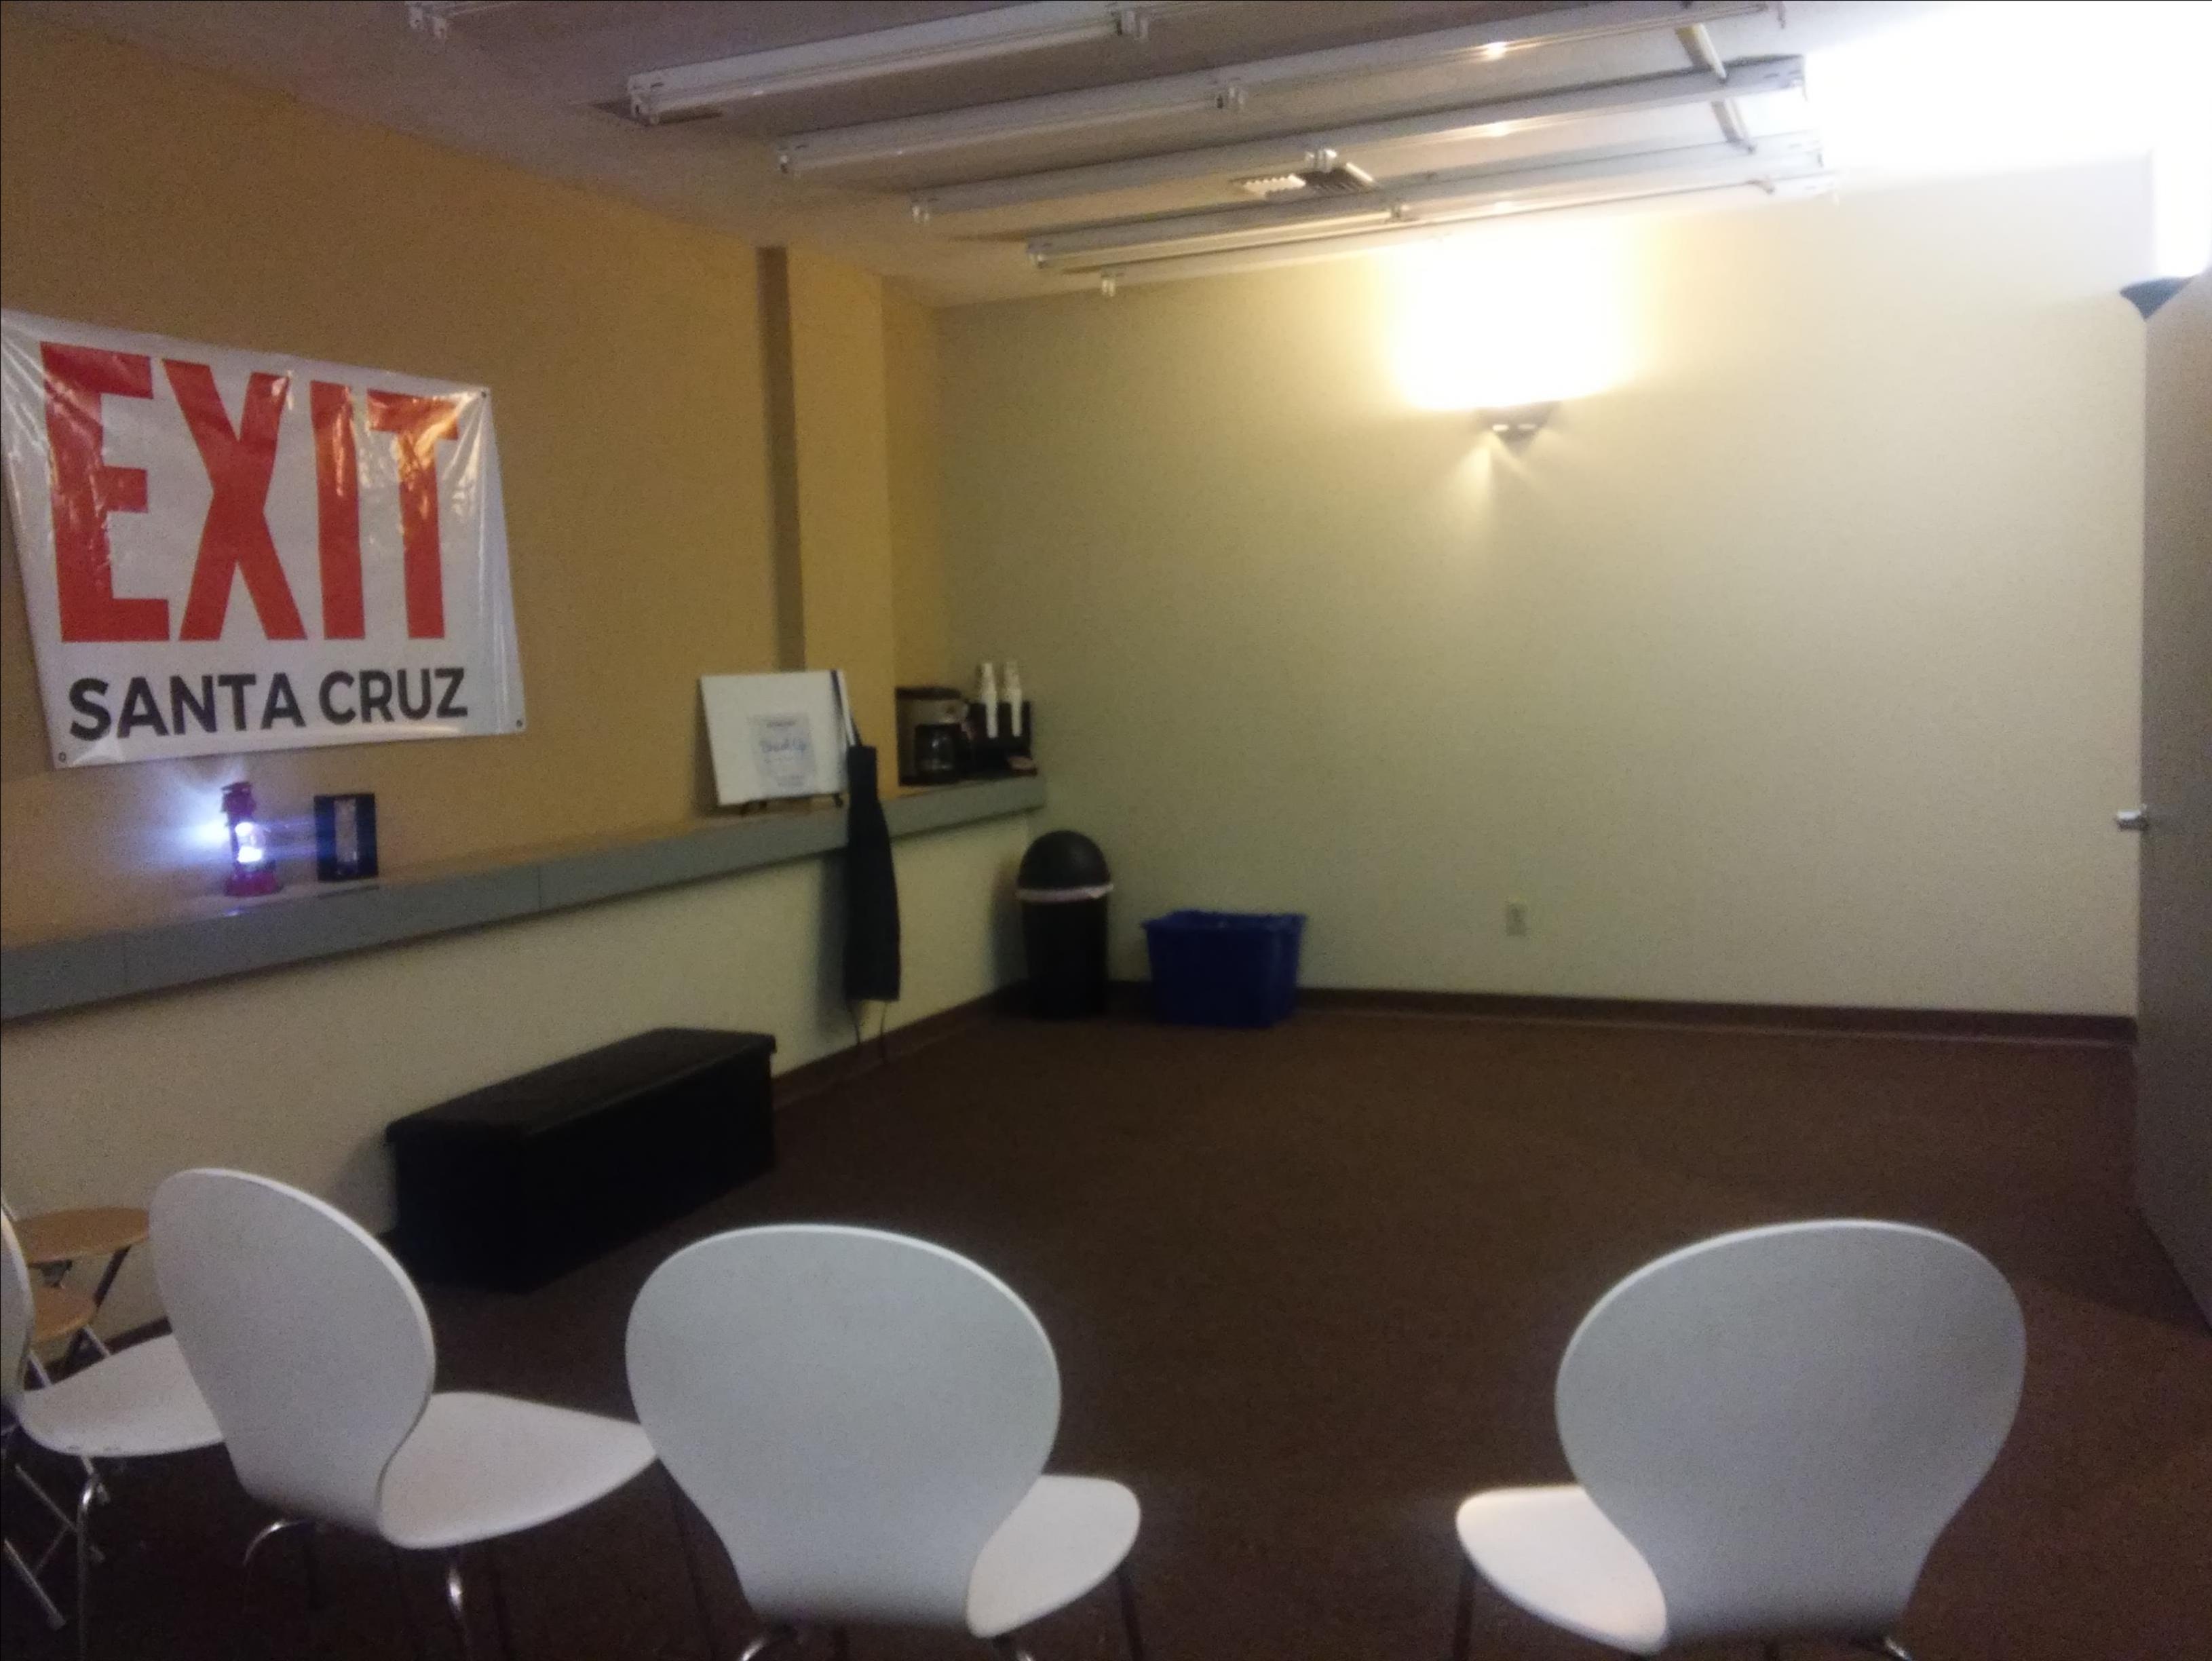 EXIT Santa Cruz - Conference Room